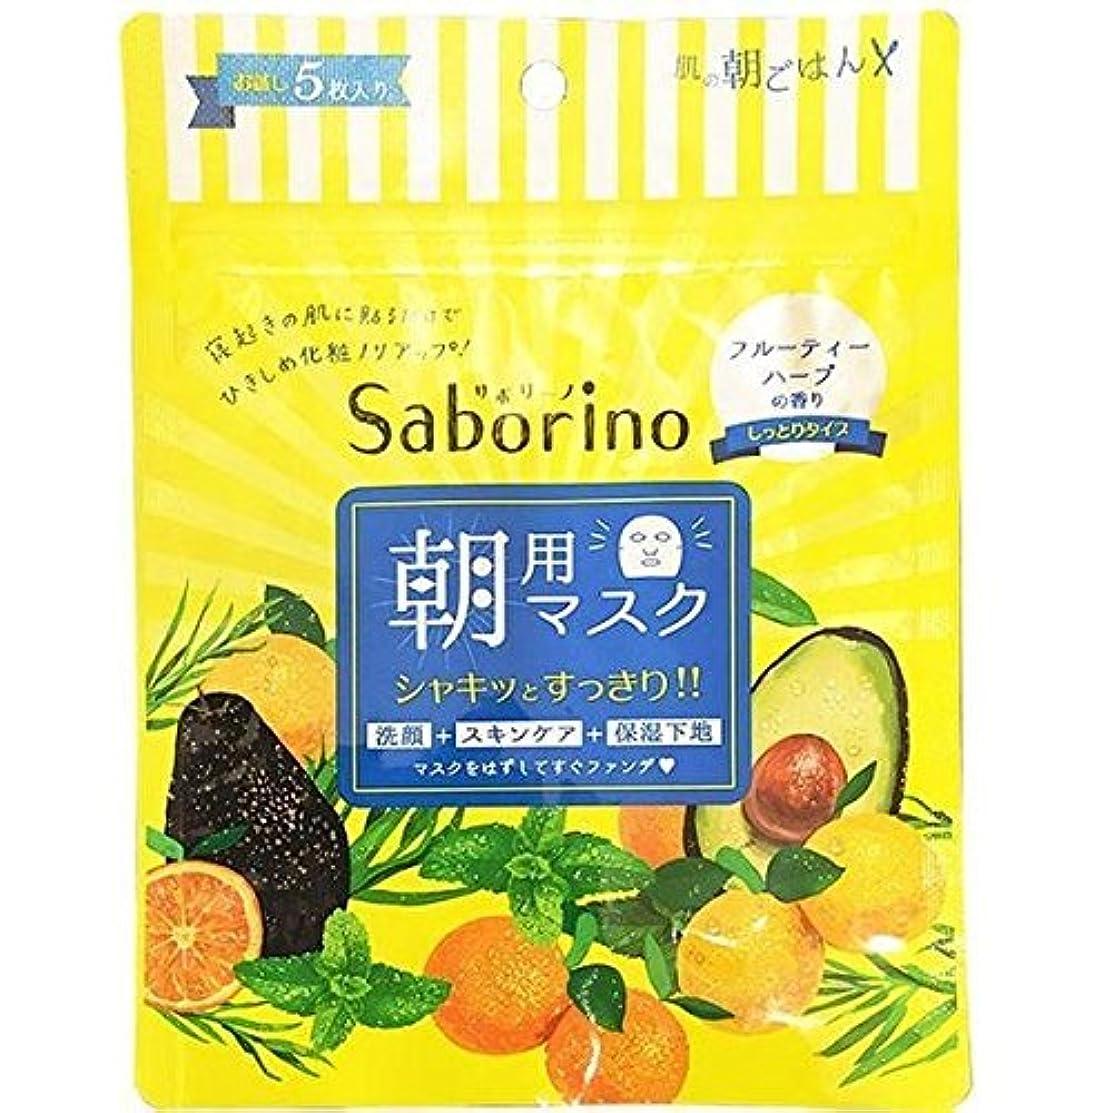 人工的なトラフィック物質Saborino(サボリーノ)  目ざまシート(5枚入)